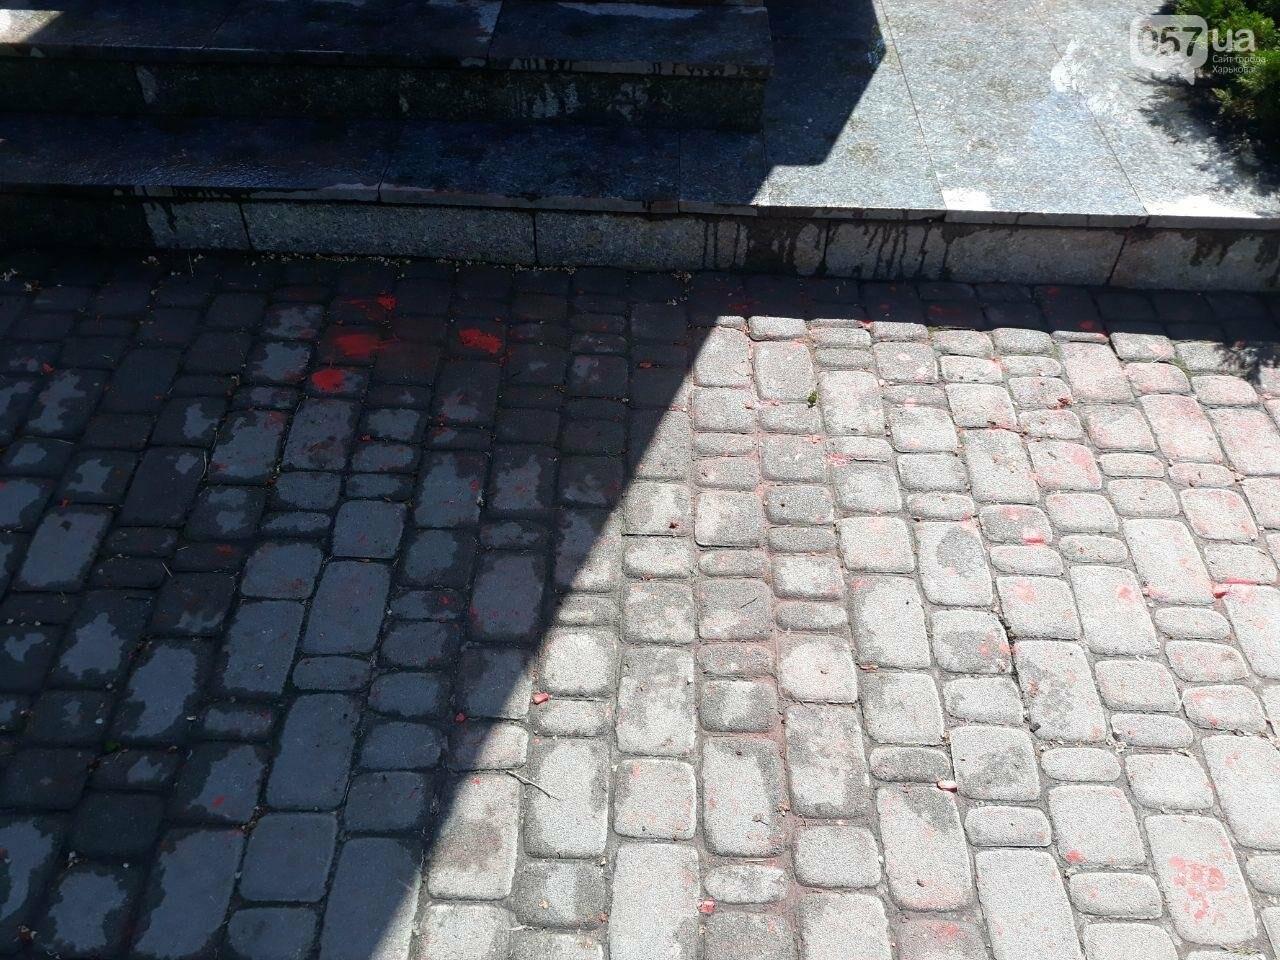 В Харькове неизвестные вновь облили красной краской памятник Жукову, - ФОТО, фото-7